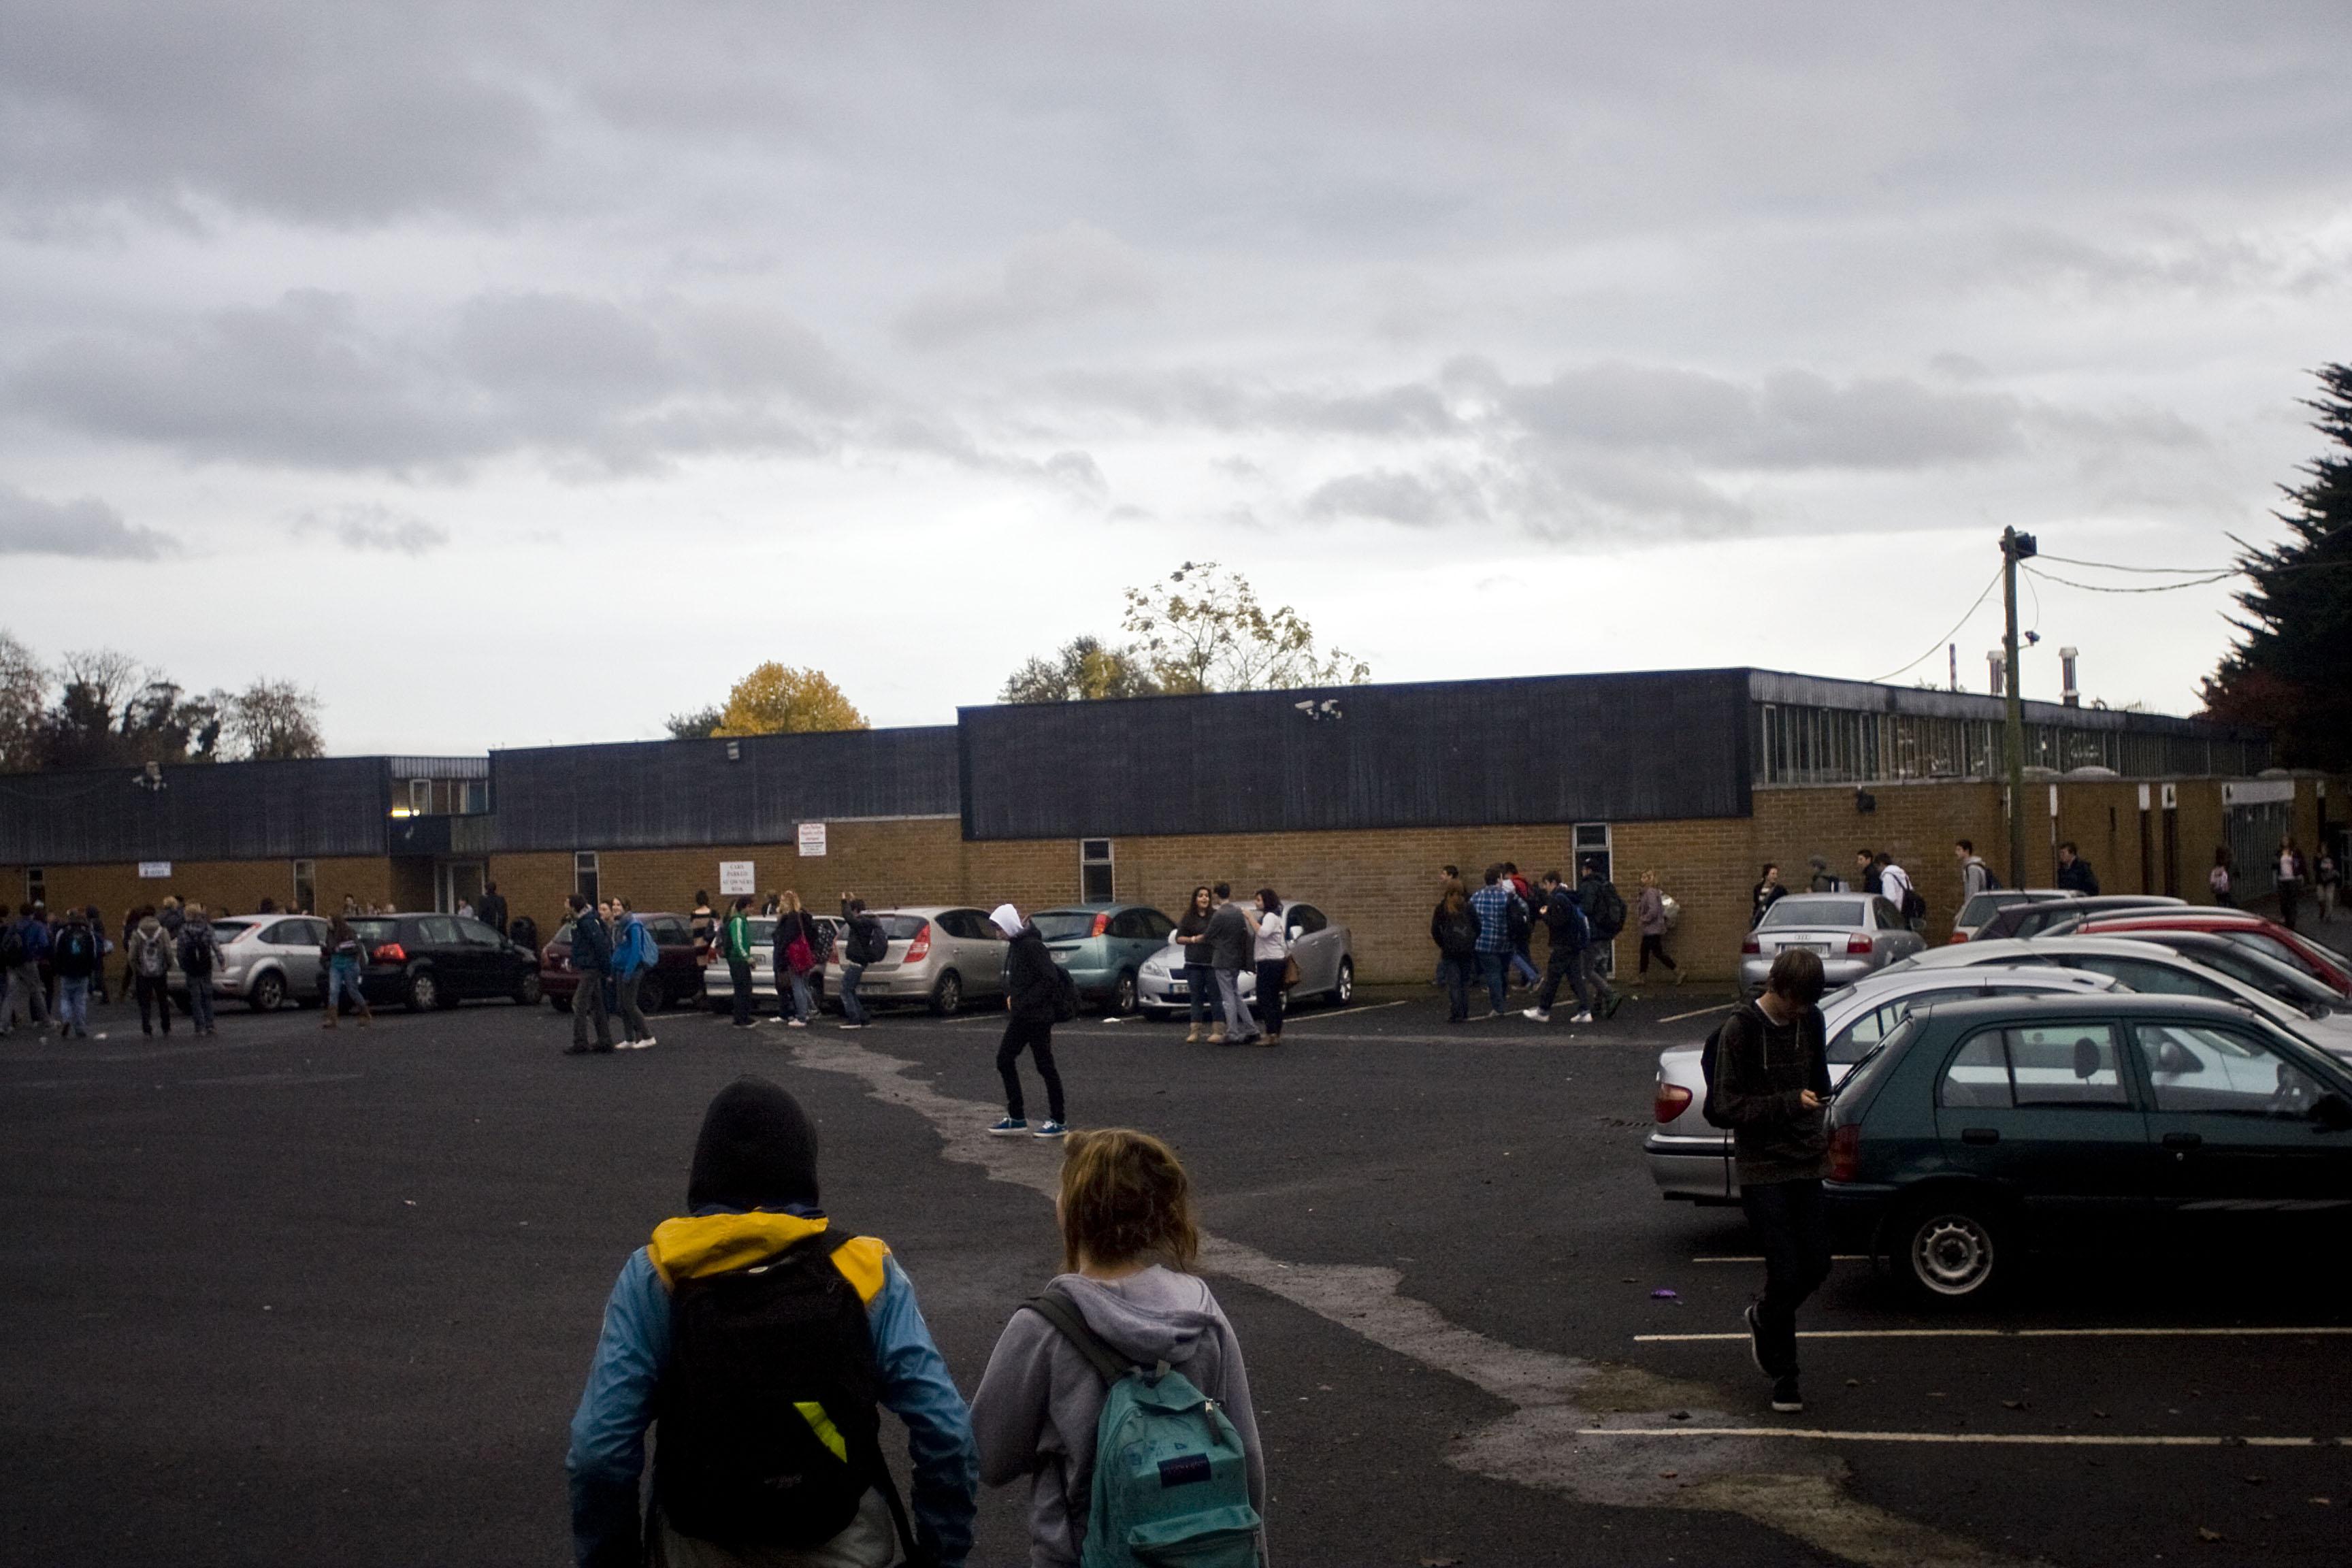 Mount temple comprensive school E' la scuola superiore dove Bonovox ha incontrato i suoi futuri compagni della band si trova a Clontarf nel quartiere a nord est del centro